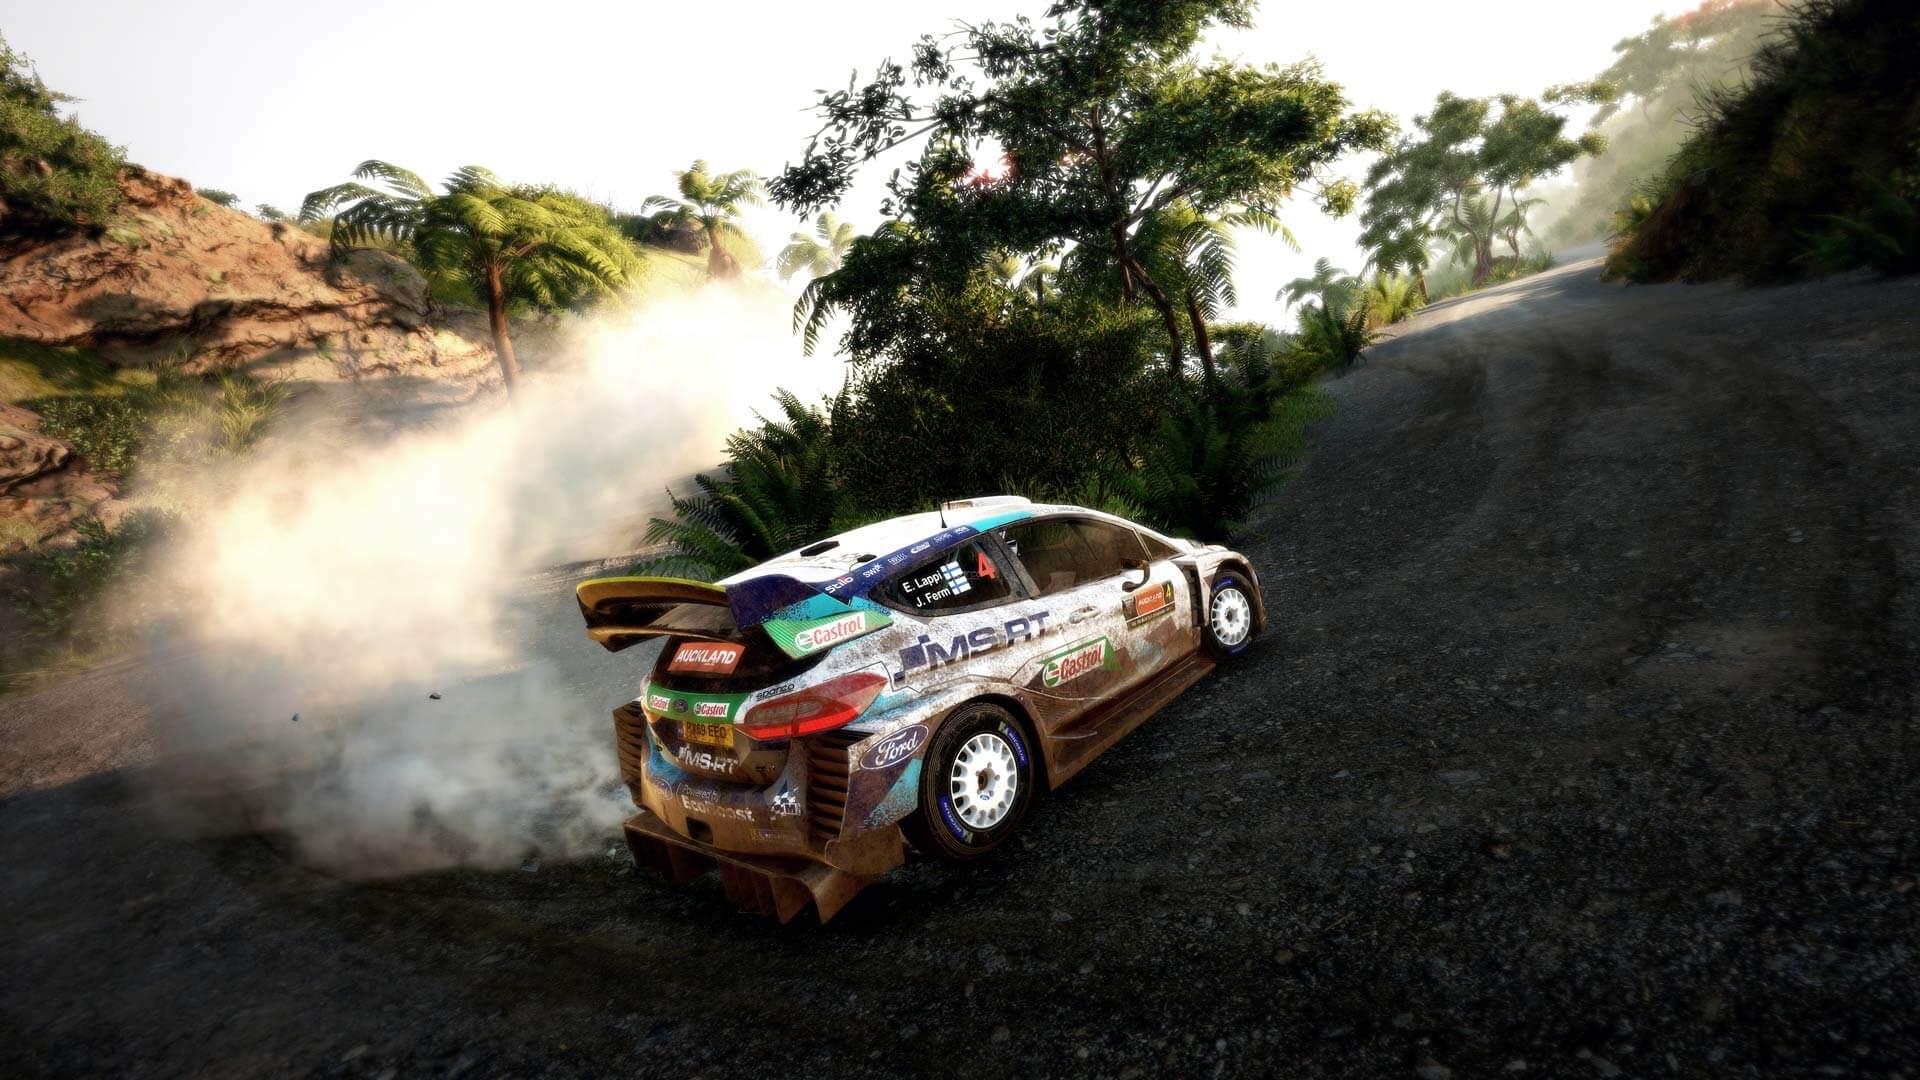 jugar las nuevas stages es el mayor atractivo de WRC 9 jugar